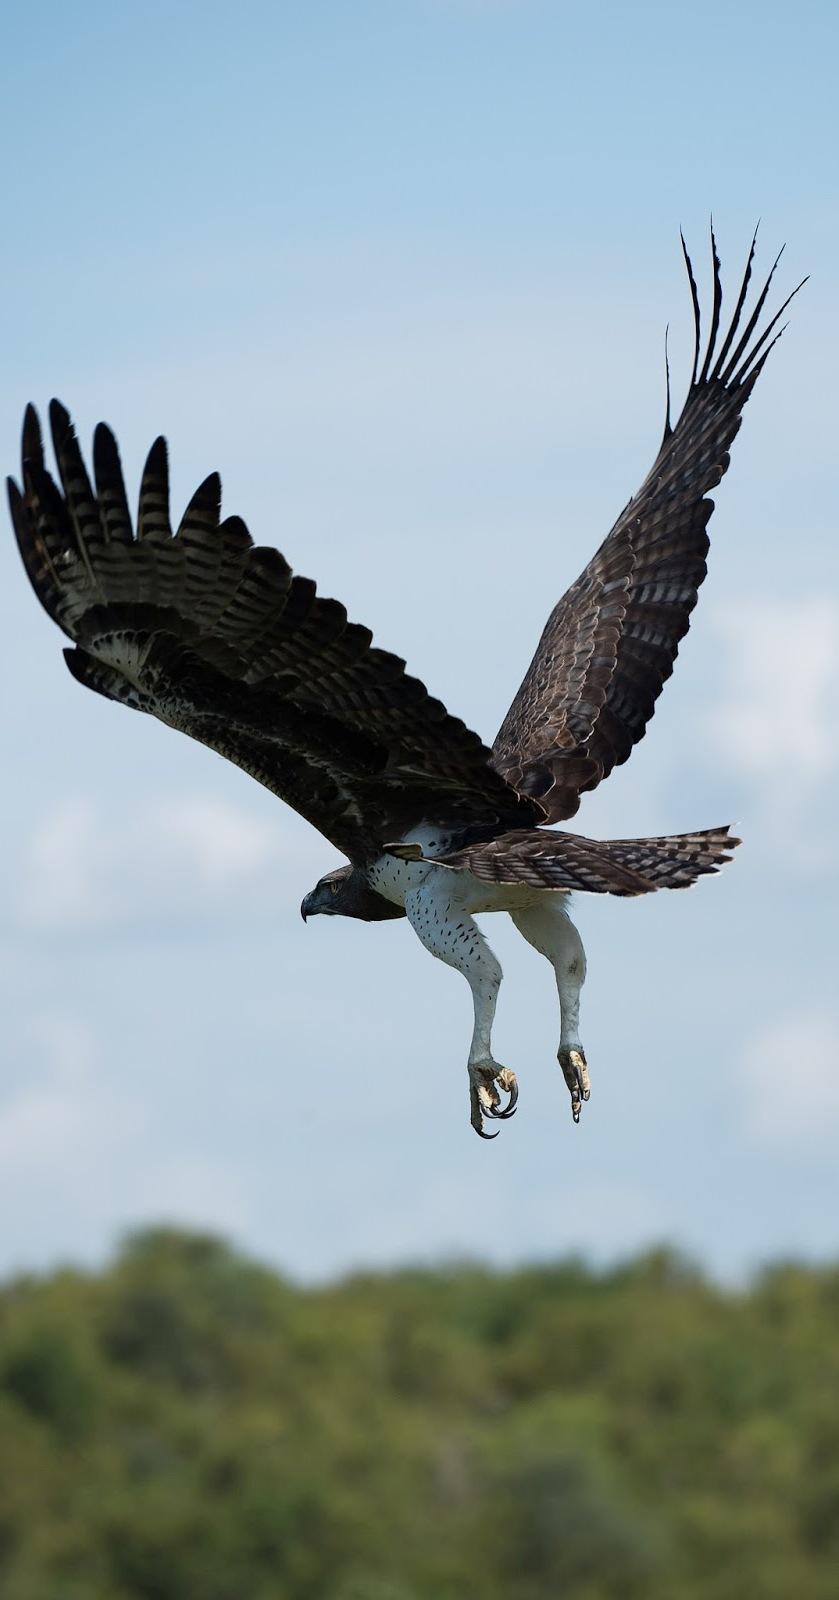 Bird flight.